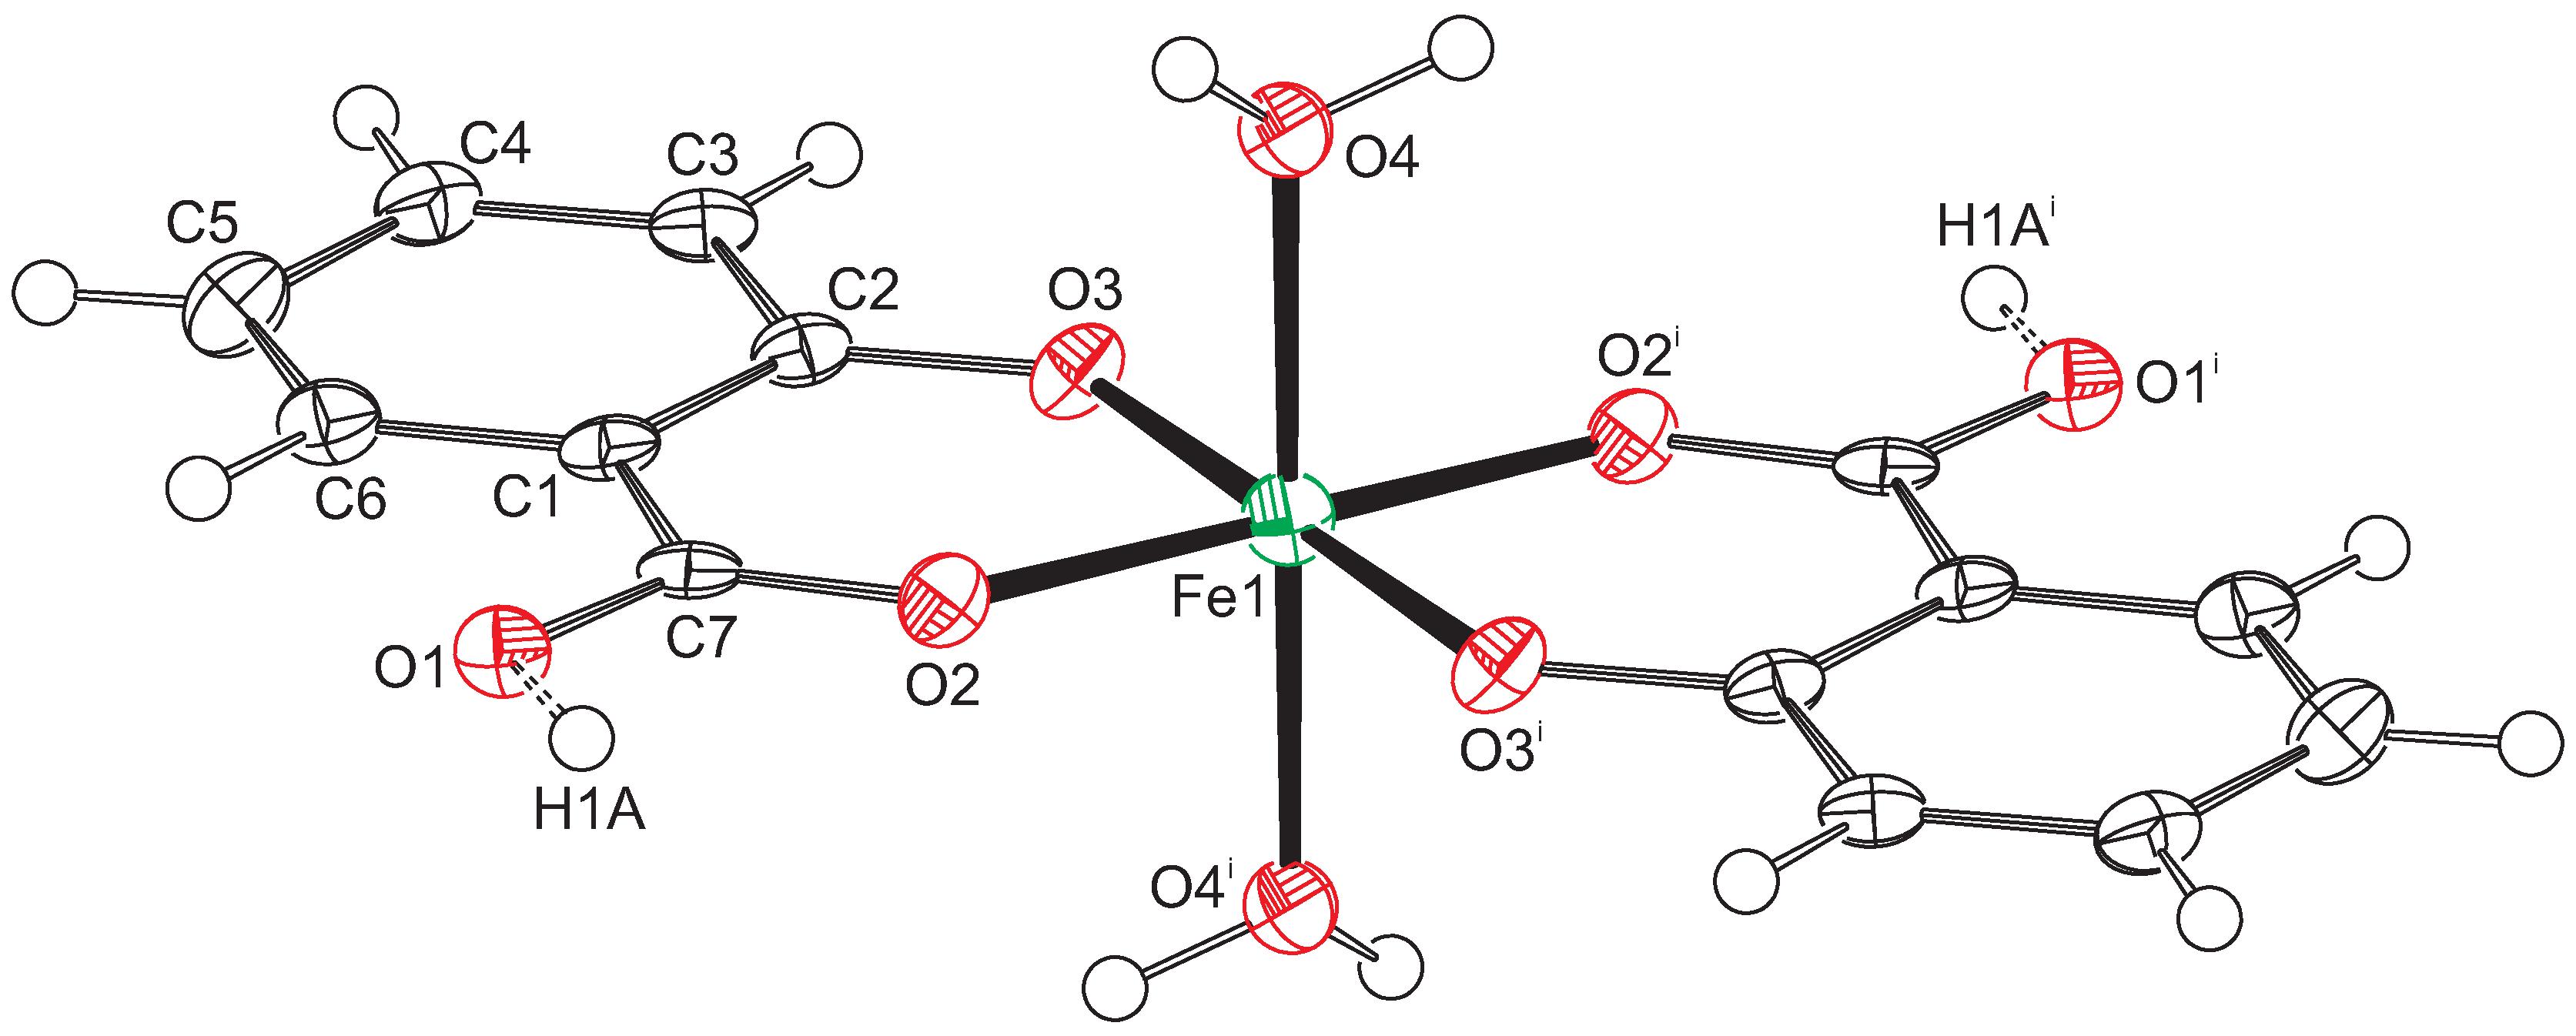 H2o Atom